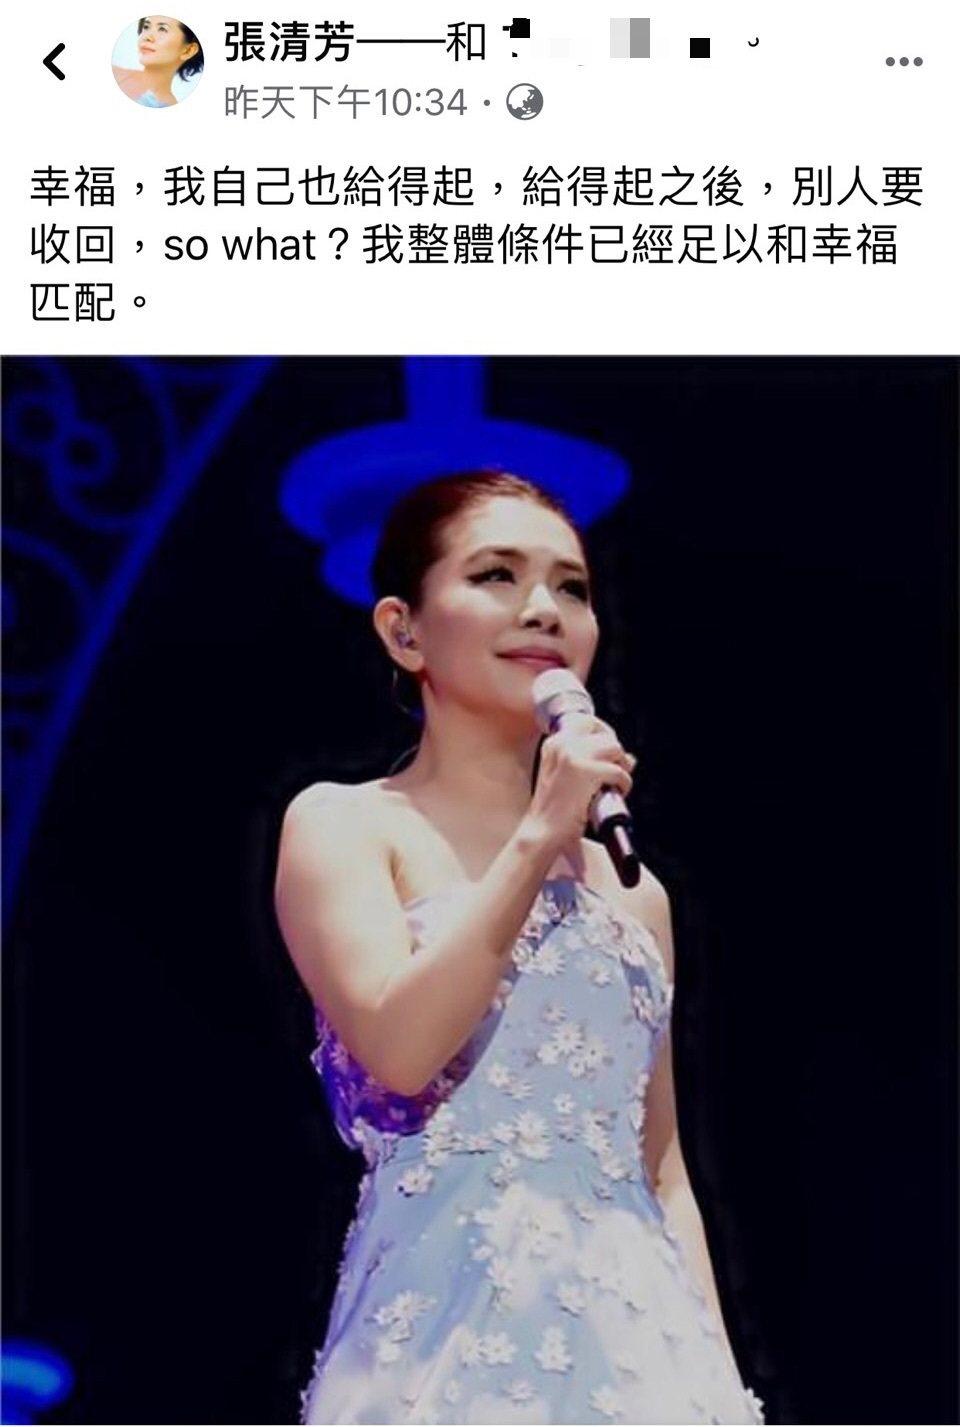 張清芳的臉書粉絲頁並非她親自經營。圖/摘自臉書